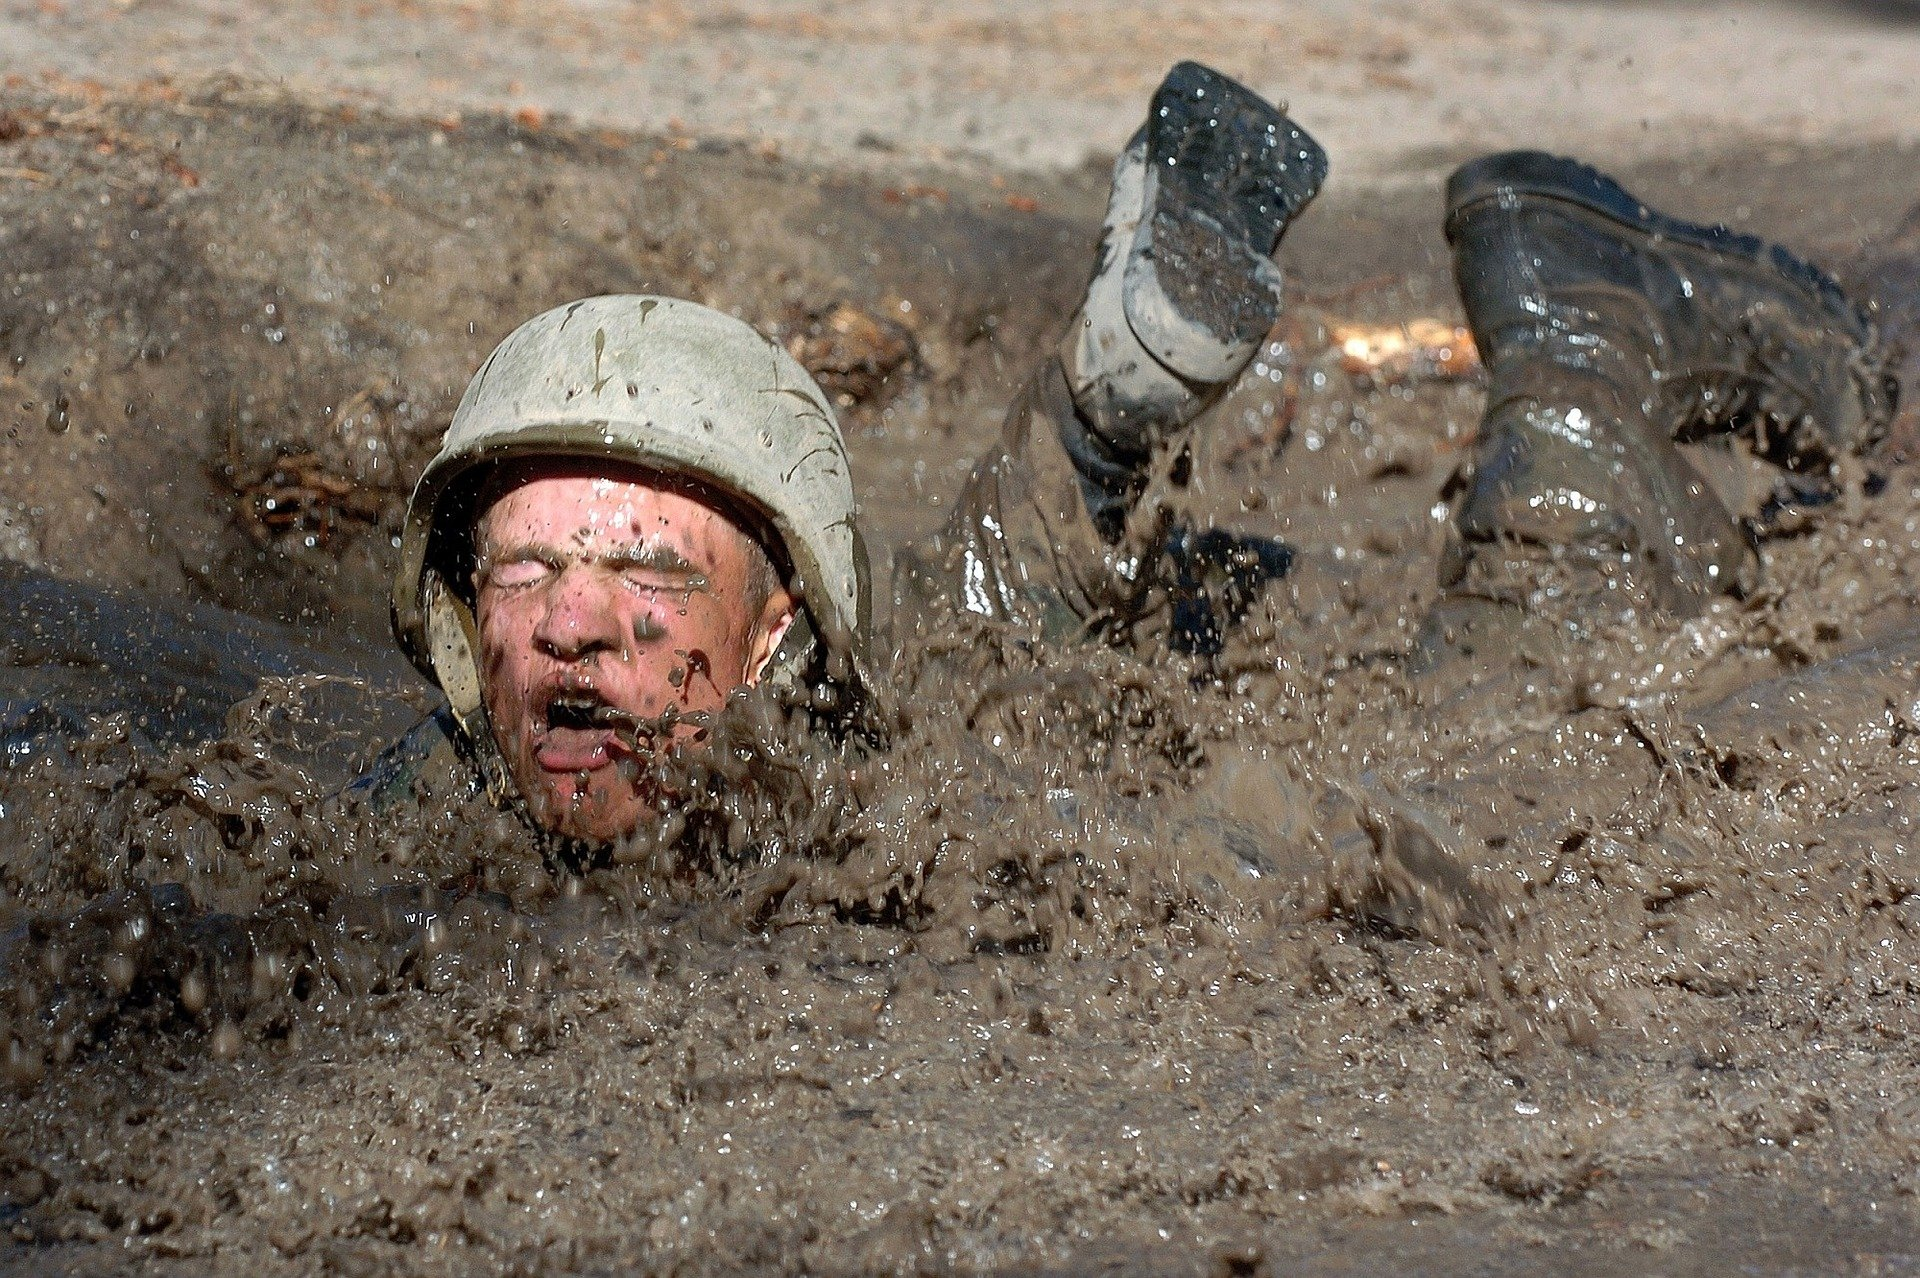 Soldado en el suelo cubierto de fango. Fuente: Pixabay